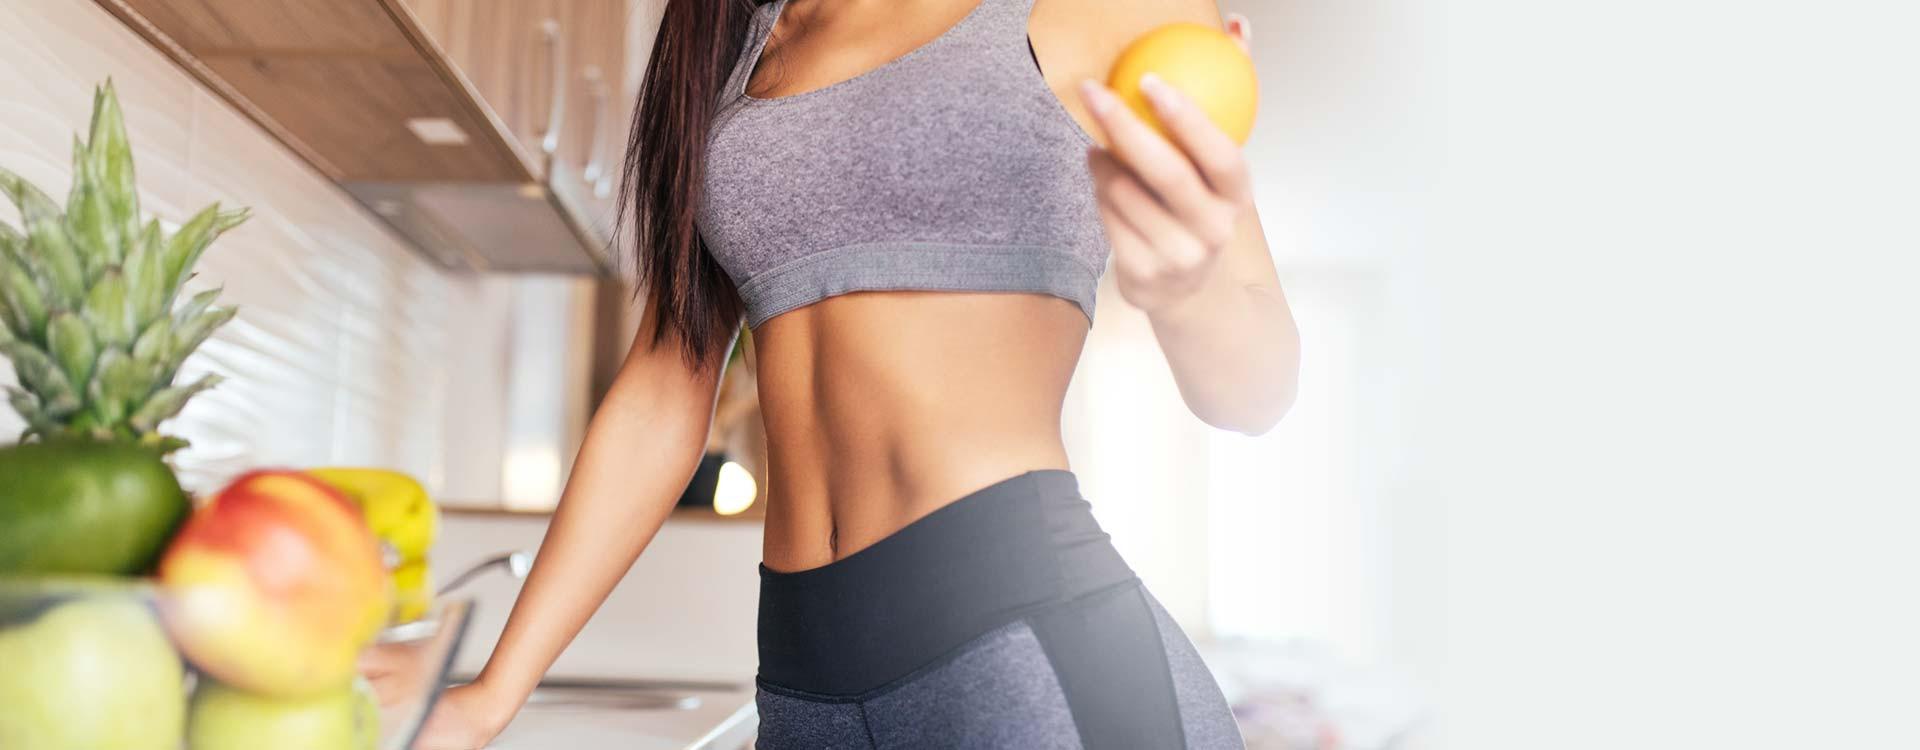 Poznaj proste kroki, które pomogą Ci zadbać o zdrowy styl życia!